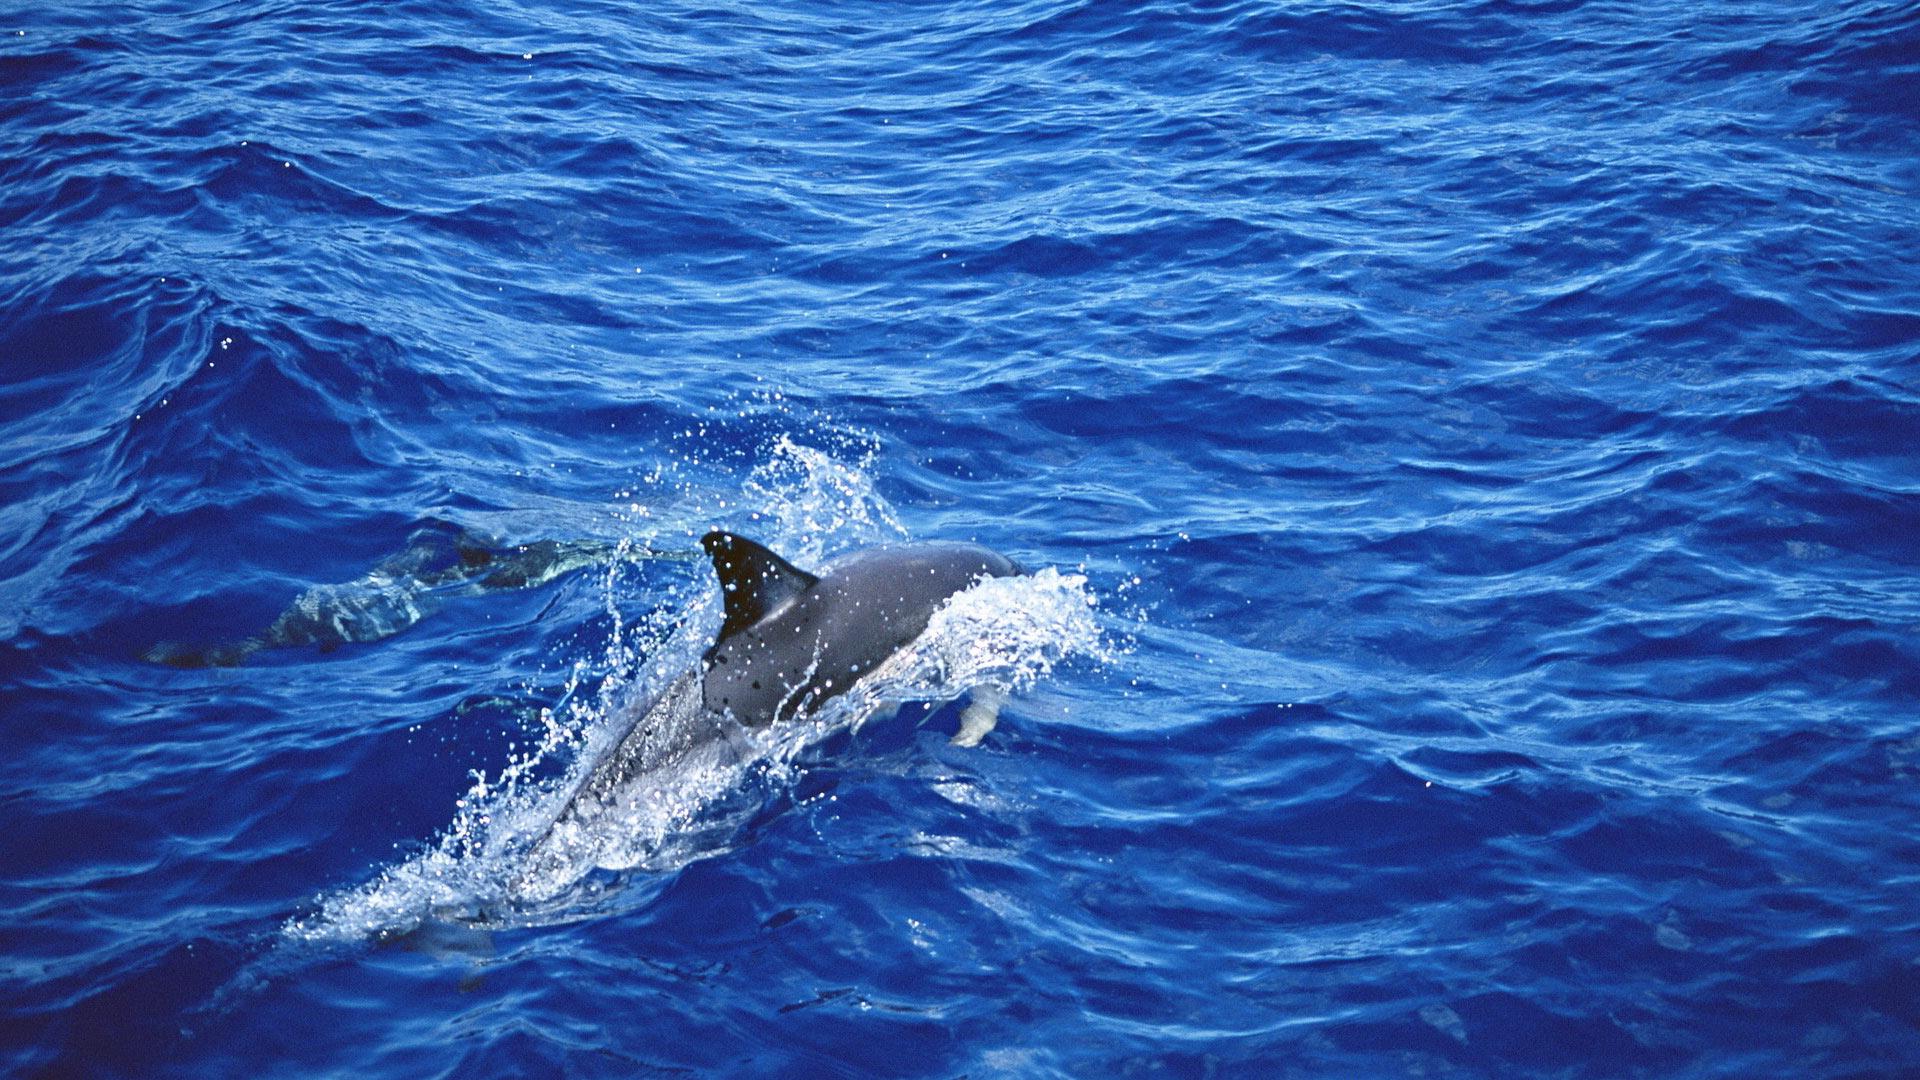 картинки для рабочего стола море и дельфины